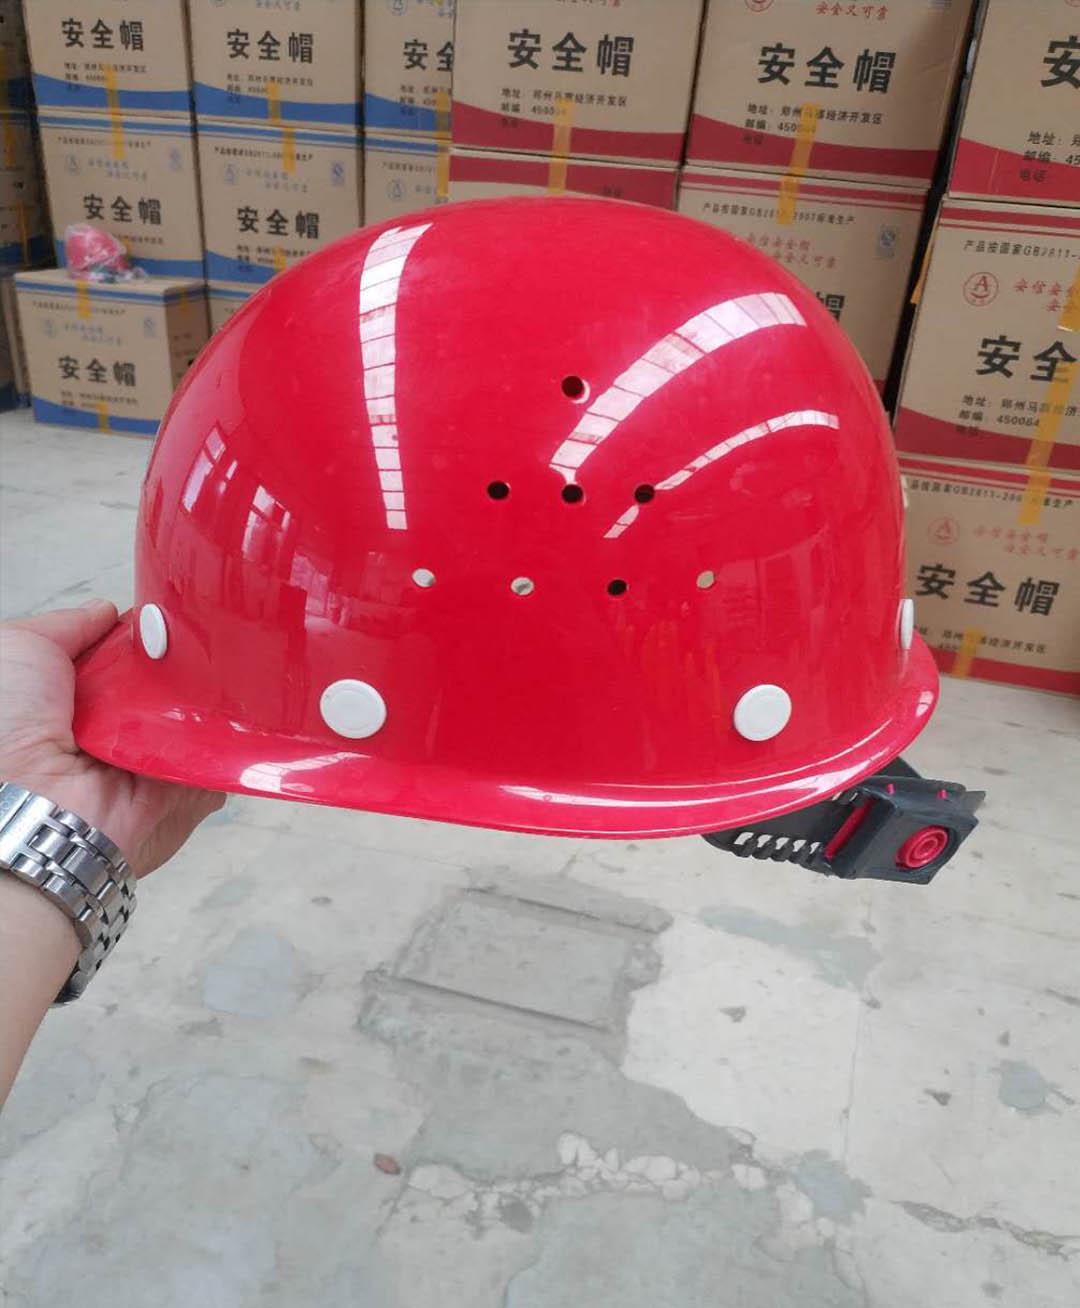 郑州汗昶环保设备供应划算的建筑安全帽-河北建筑安全帽哪家好